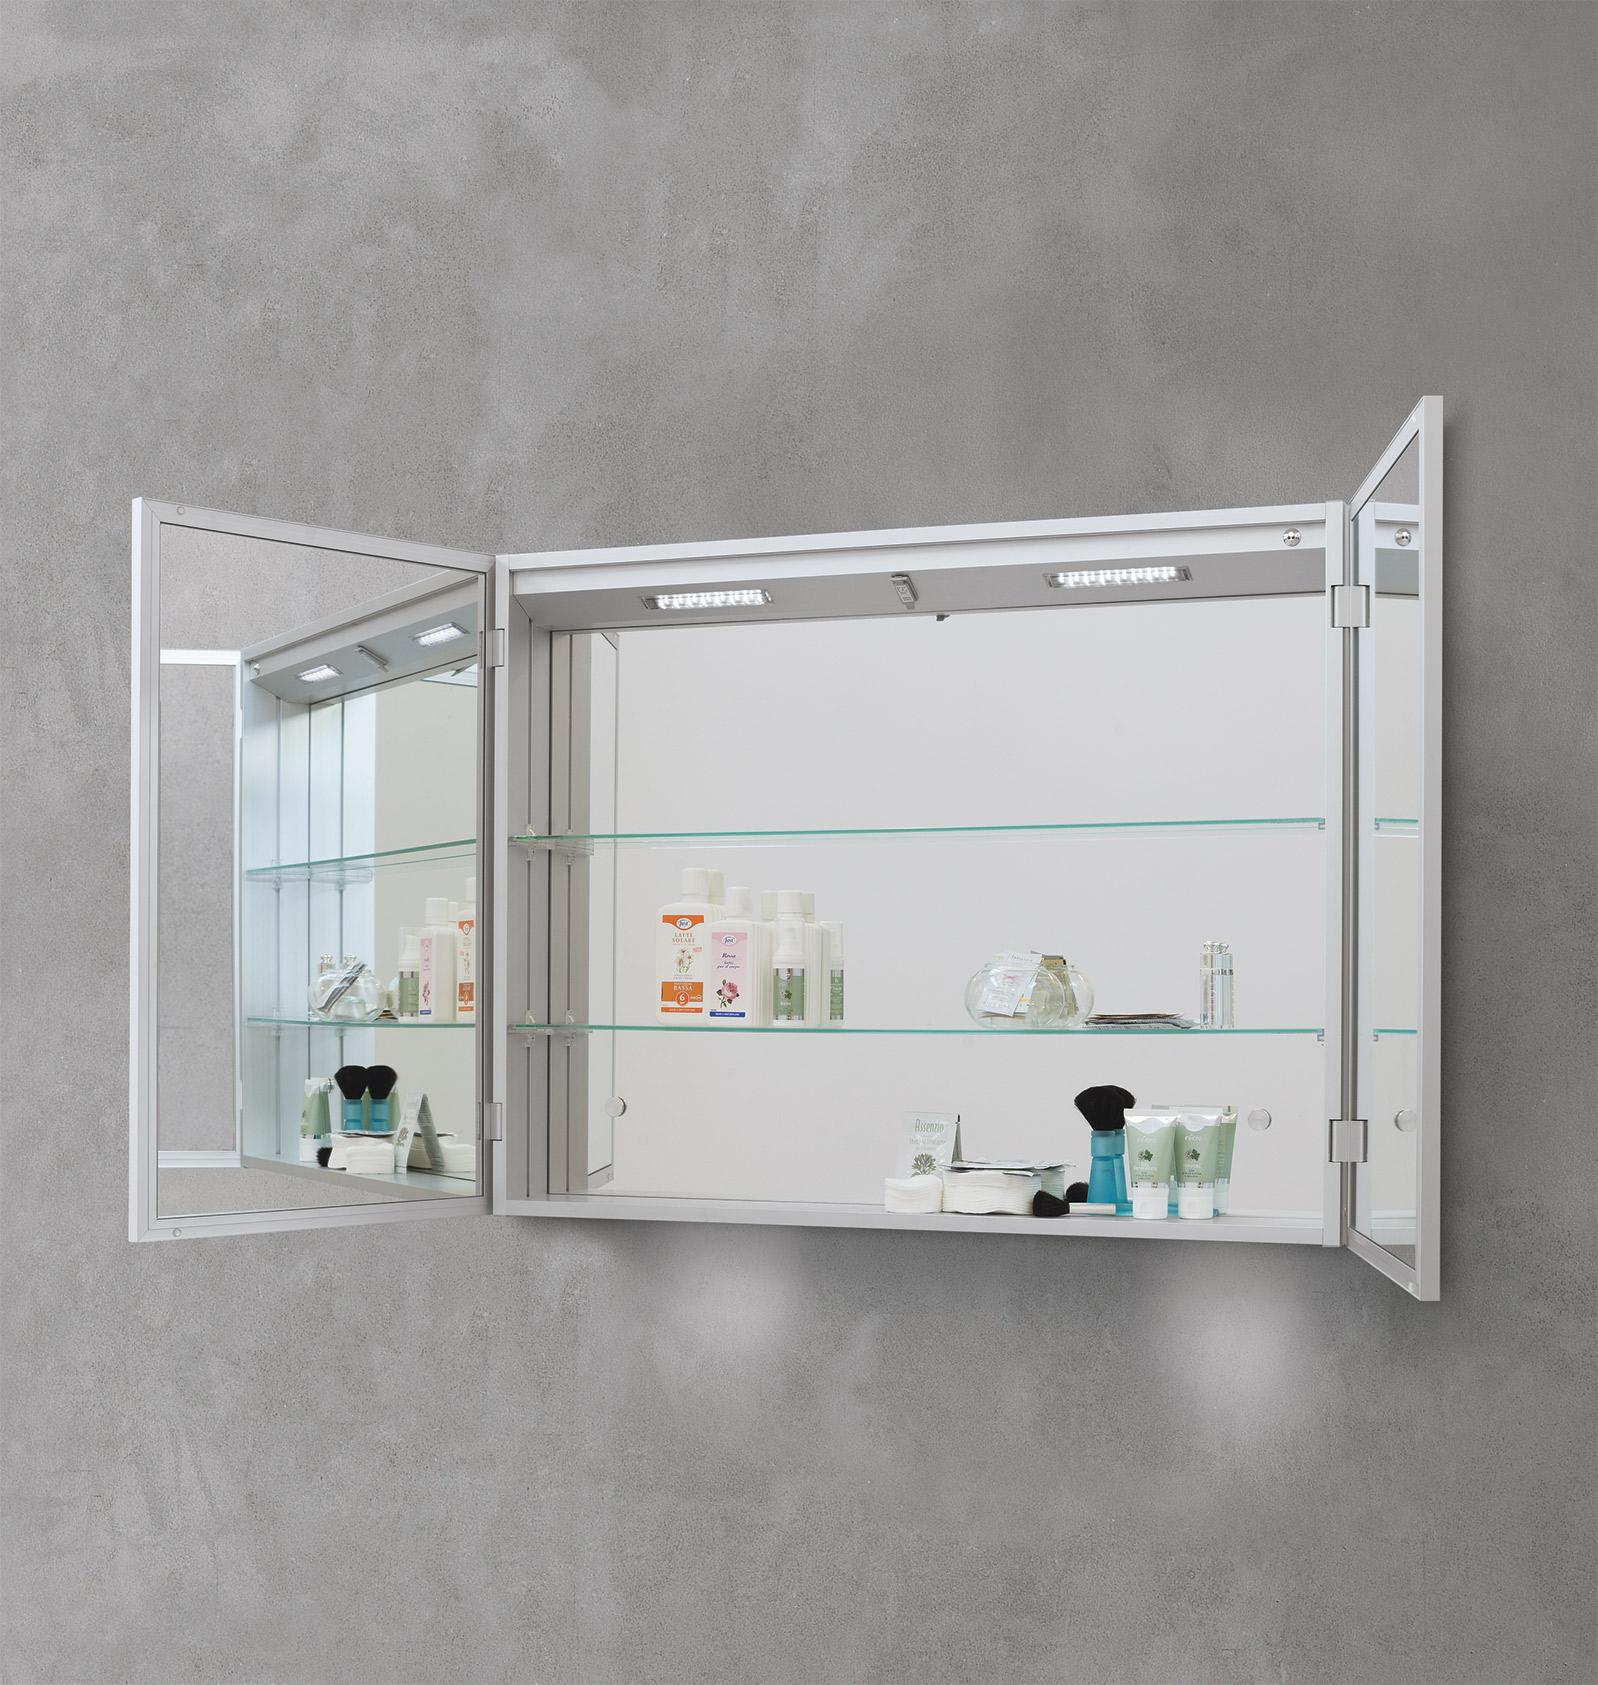 Specchiere bagno contenitore sintesibagnoblog - Specchi bagno con contenitore ...